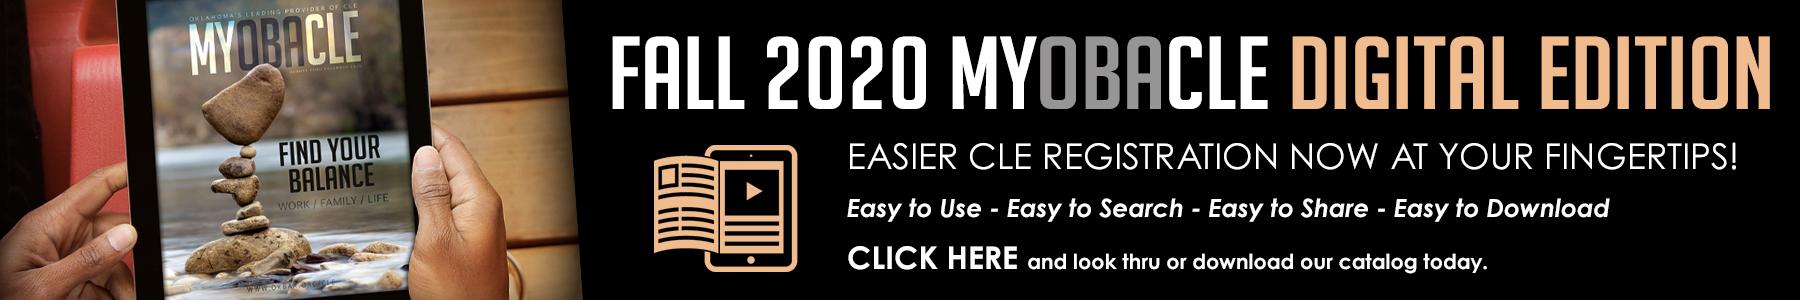 MYOBACLE Digital Promo